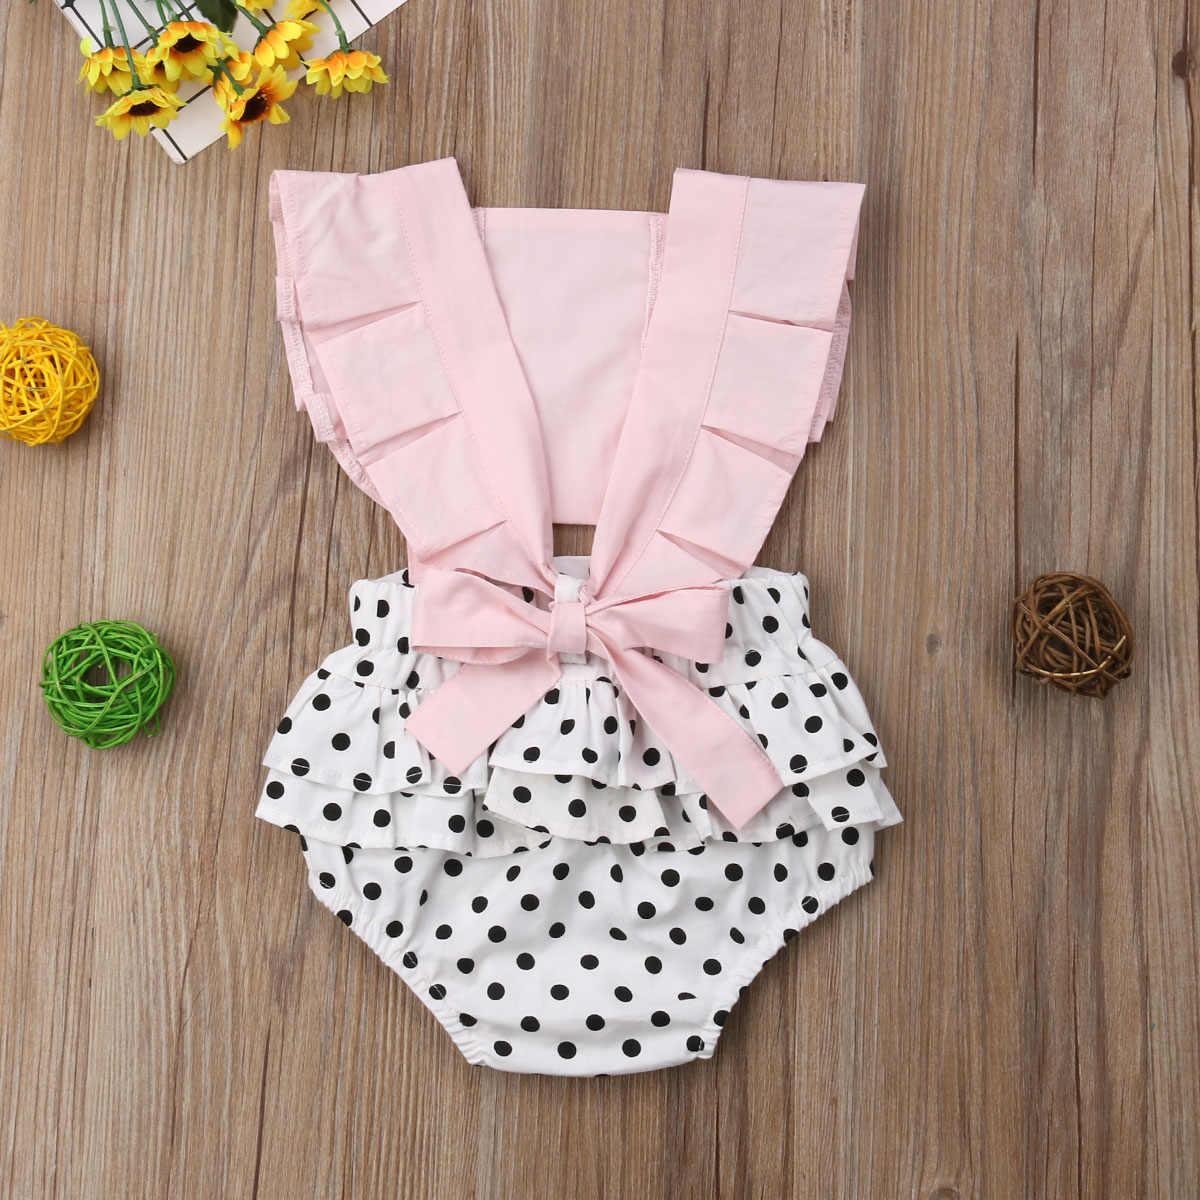 Одежда для новорожденных девочек; кружевной комбинезон без спины; одежда для малышей